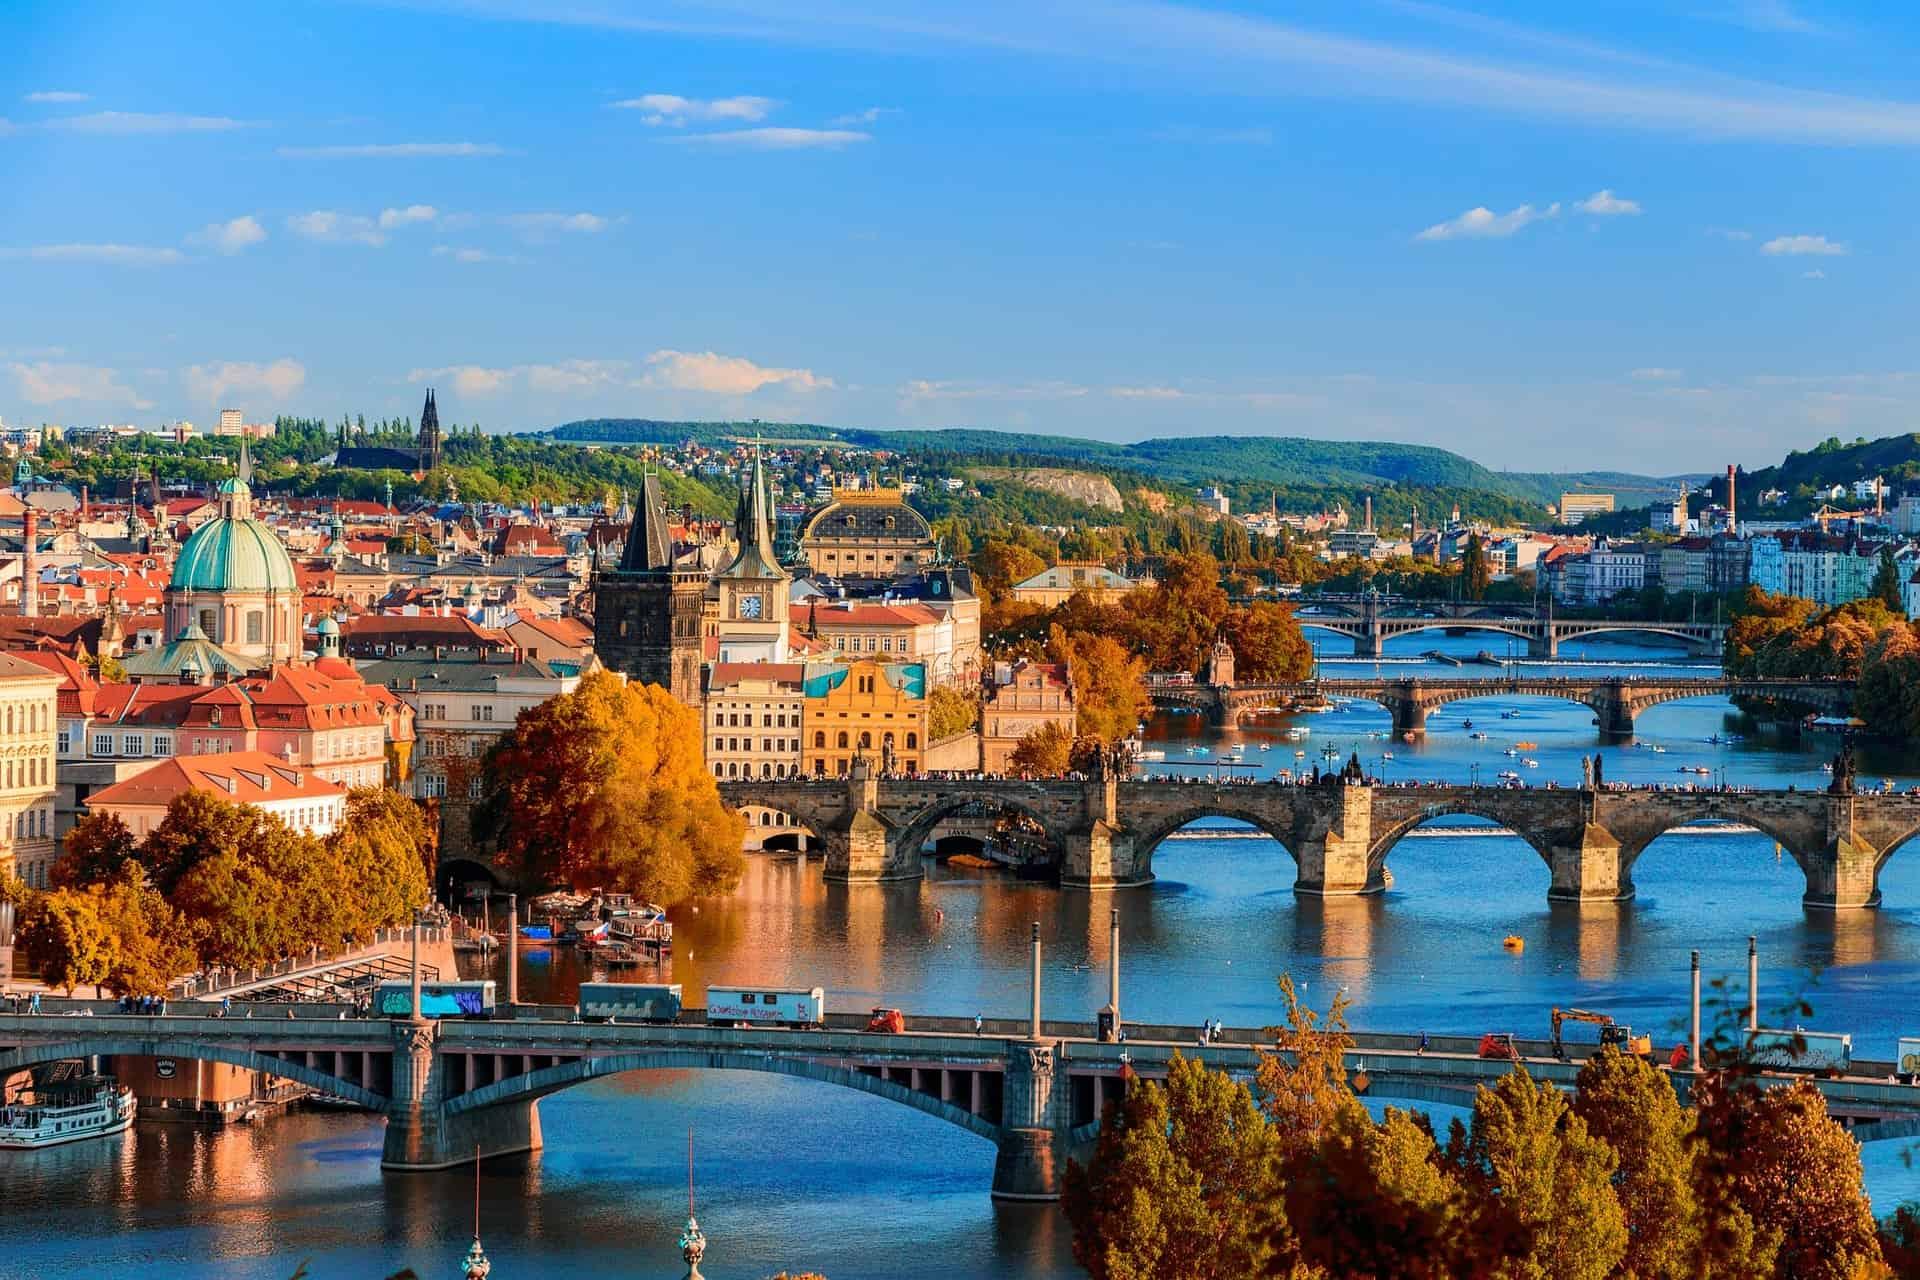 Prag Sehenswüridgkeiten erleben - Städtereisen Touren & Tickets